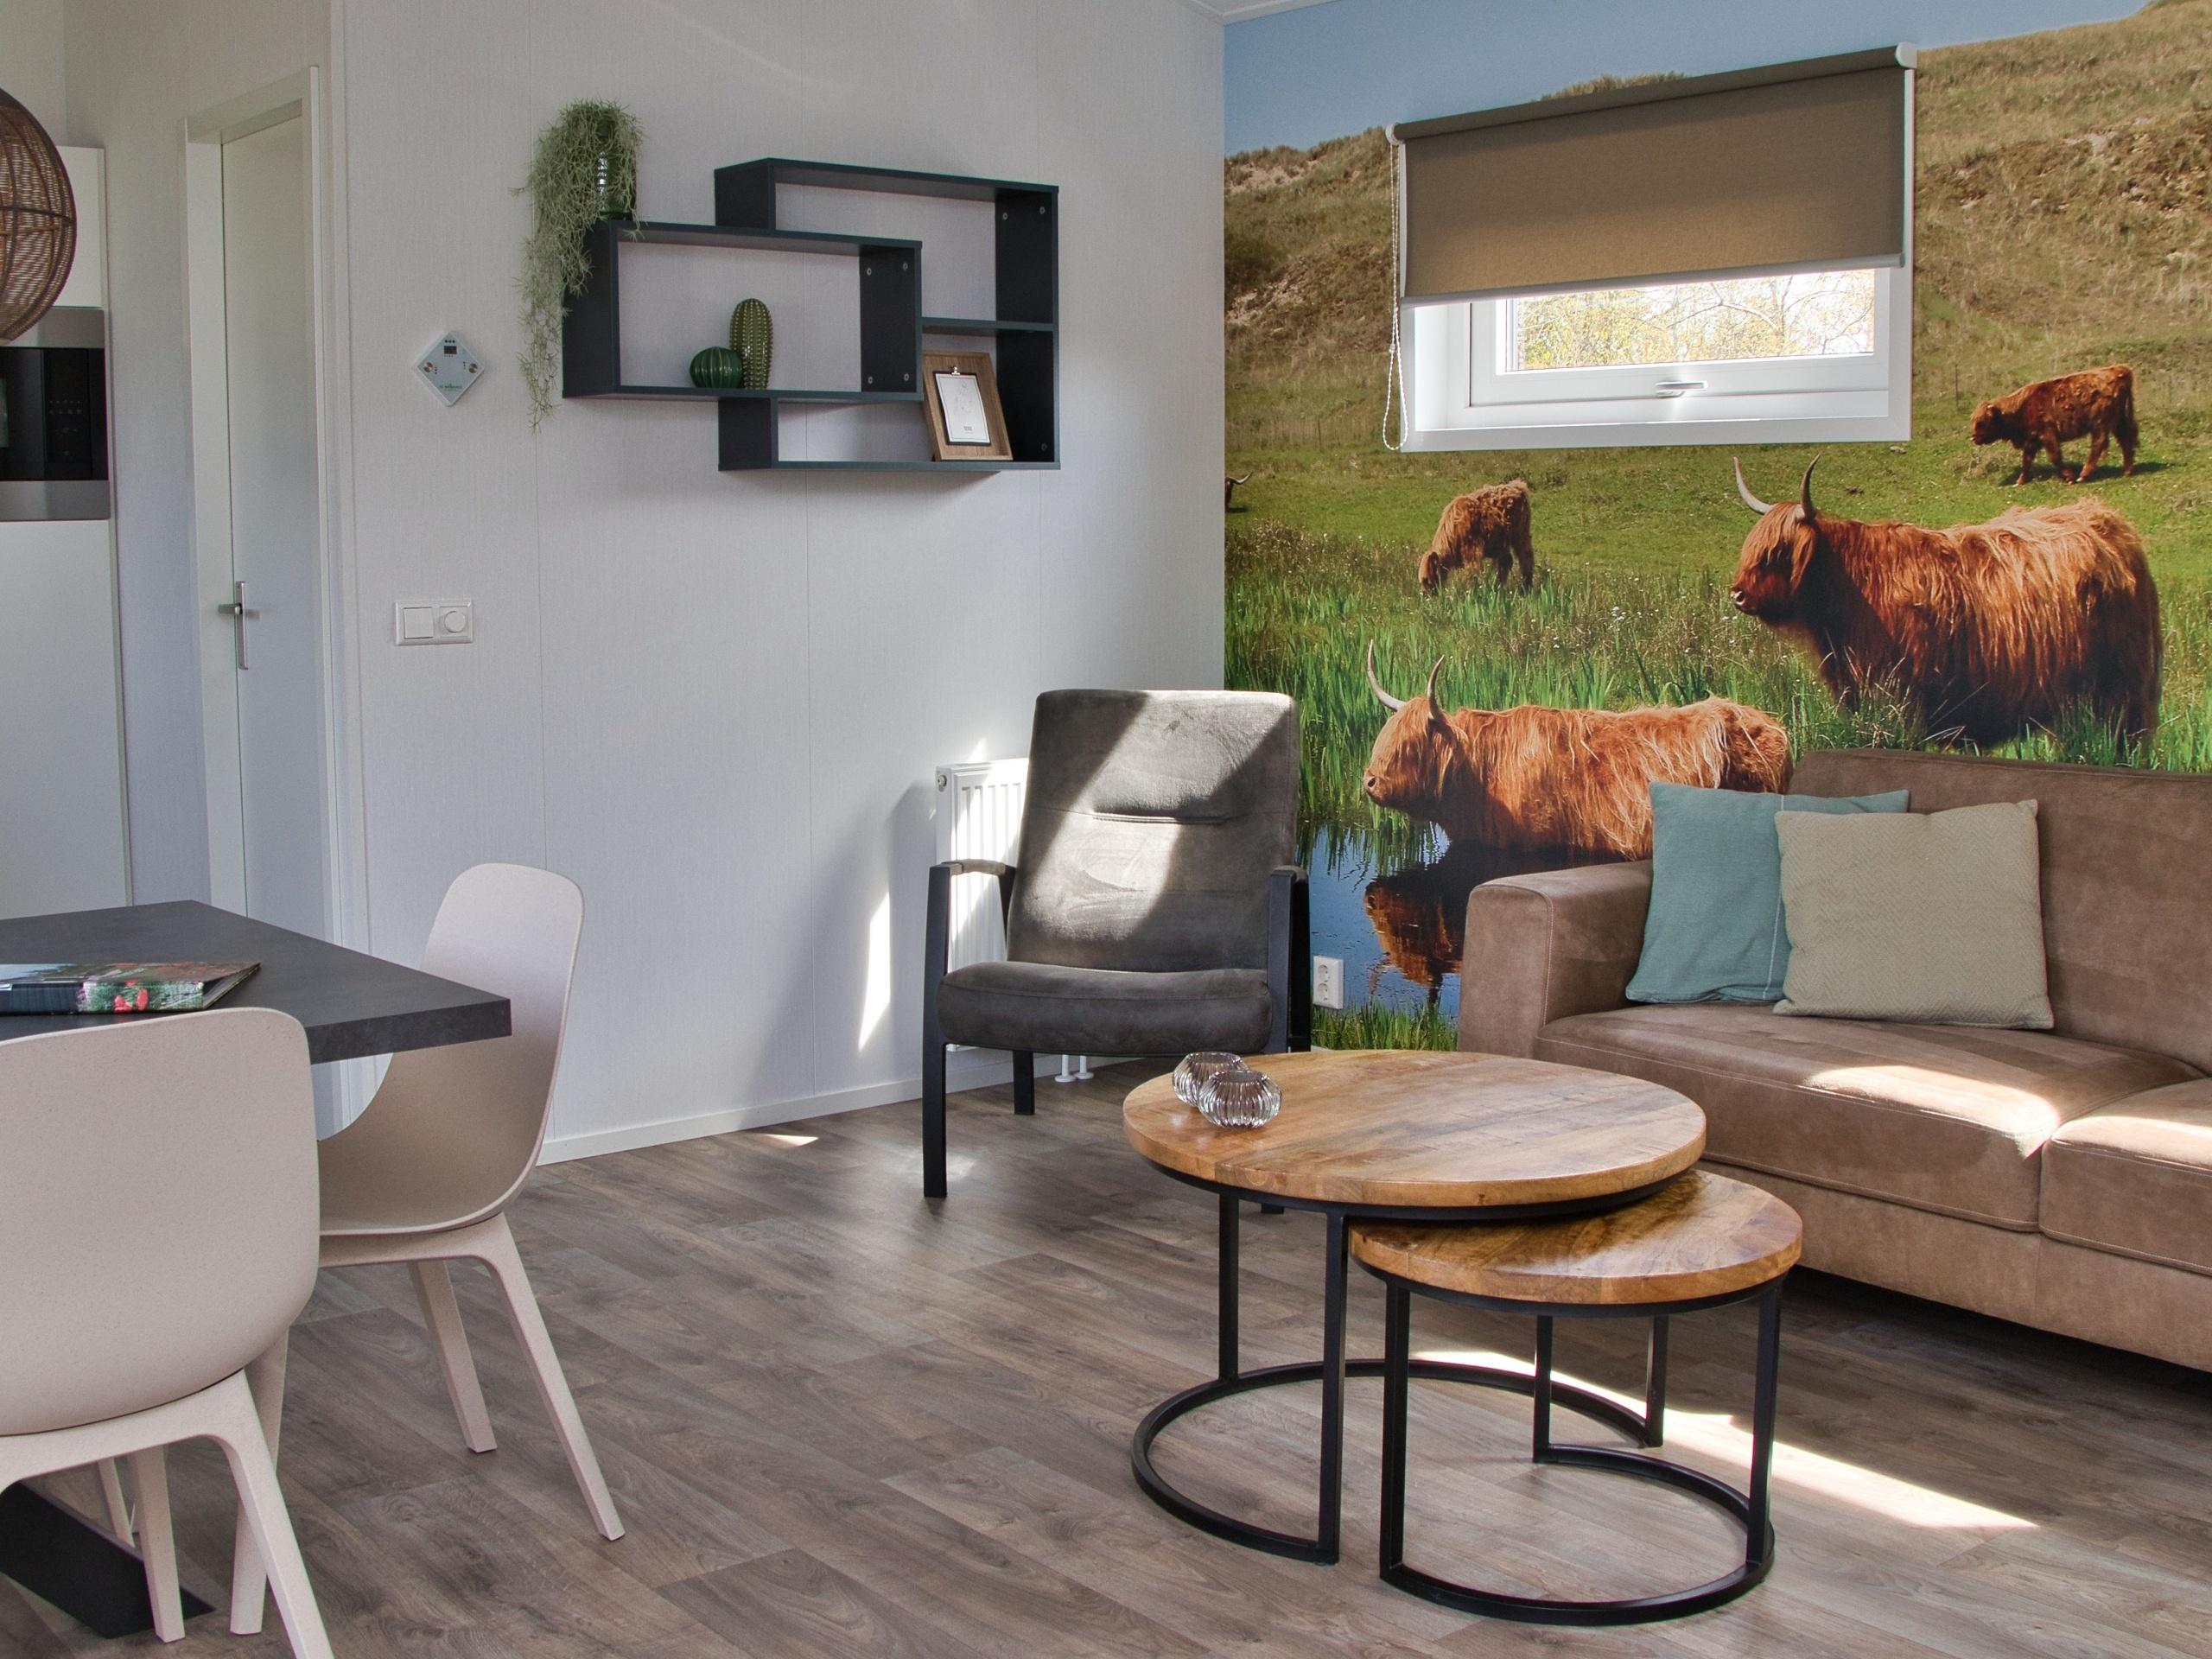 Modernes stilvoll eingerichtetes Mobilheim am Rand vom Wald De Dennen